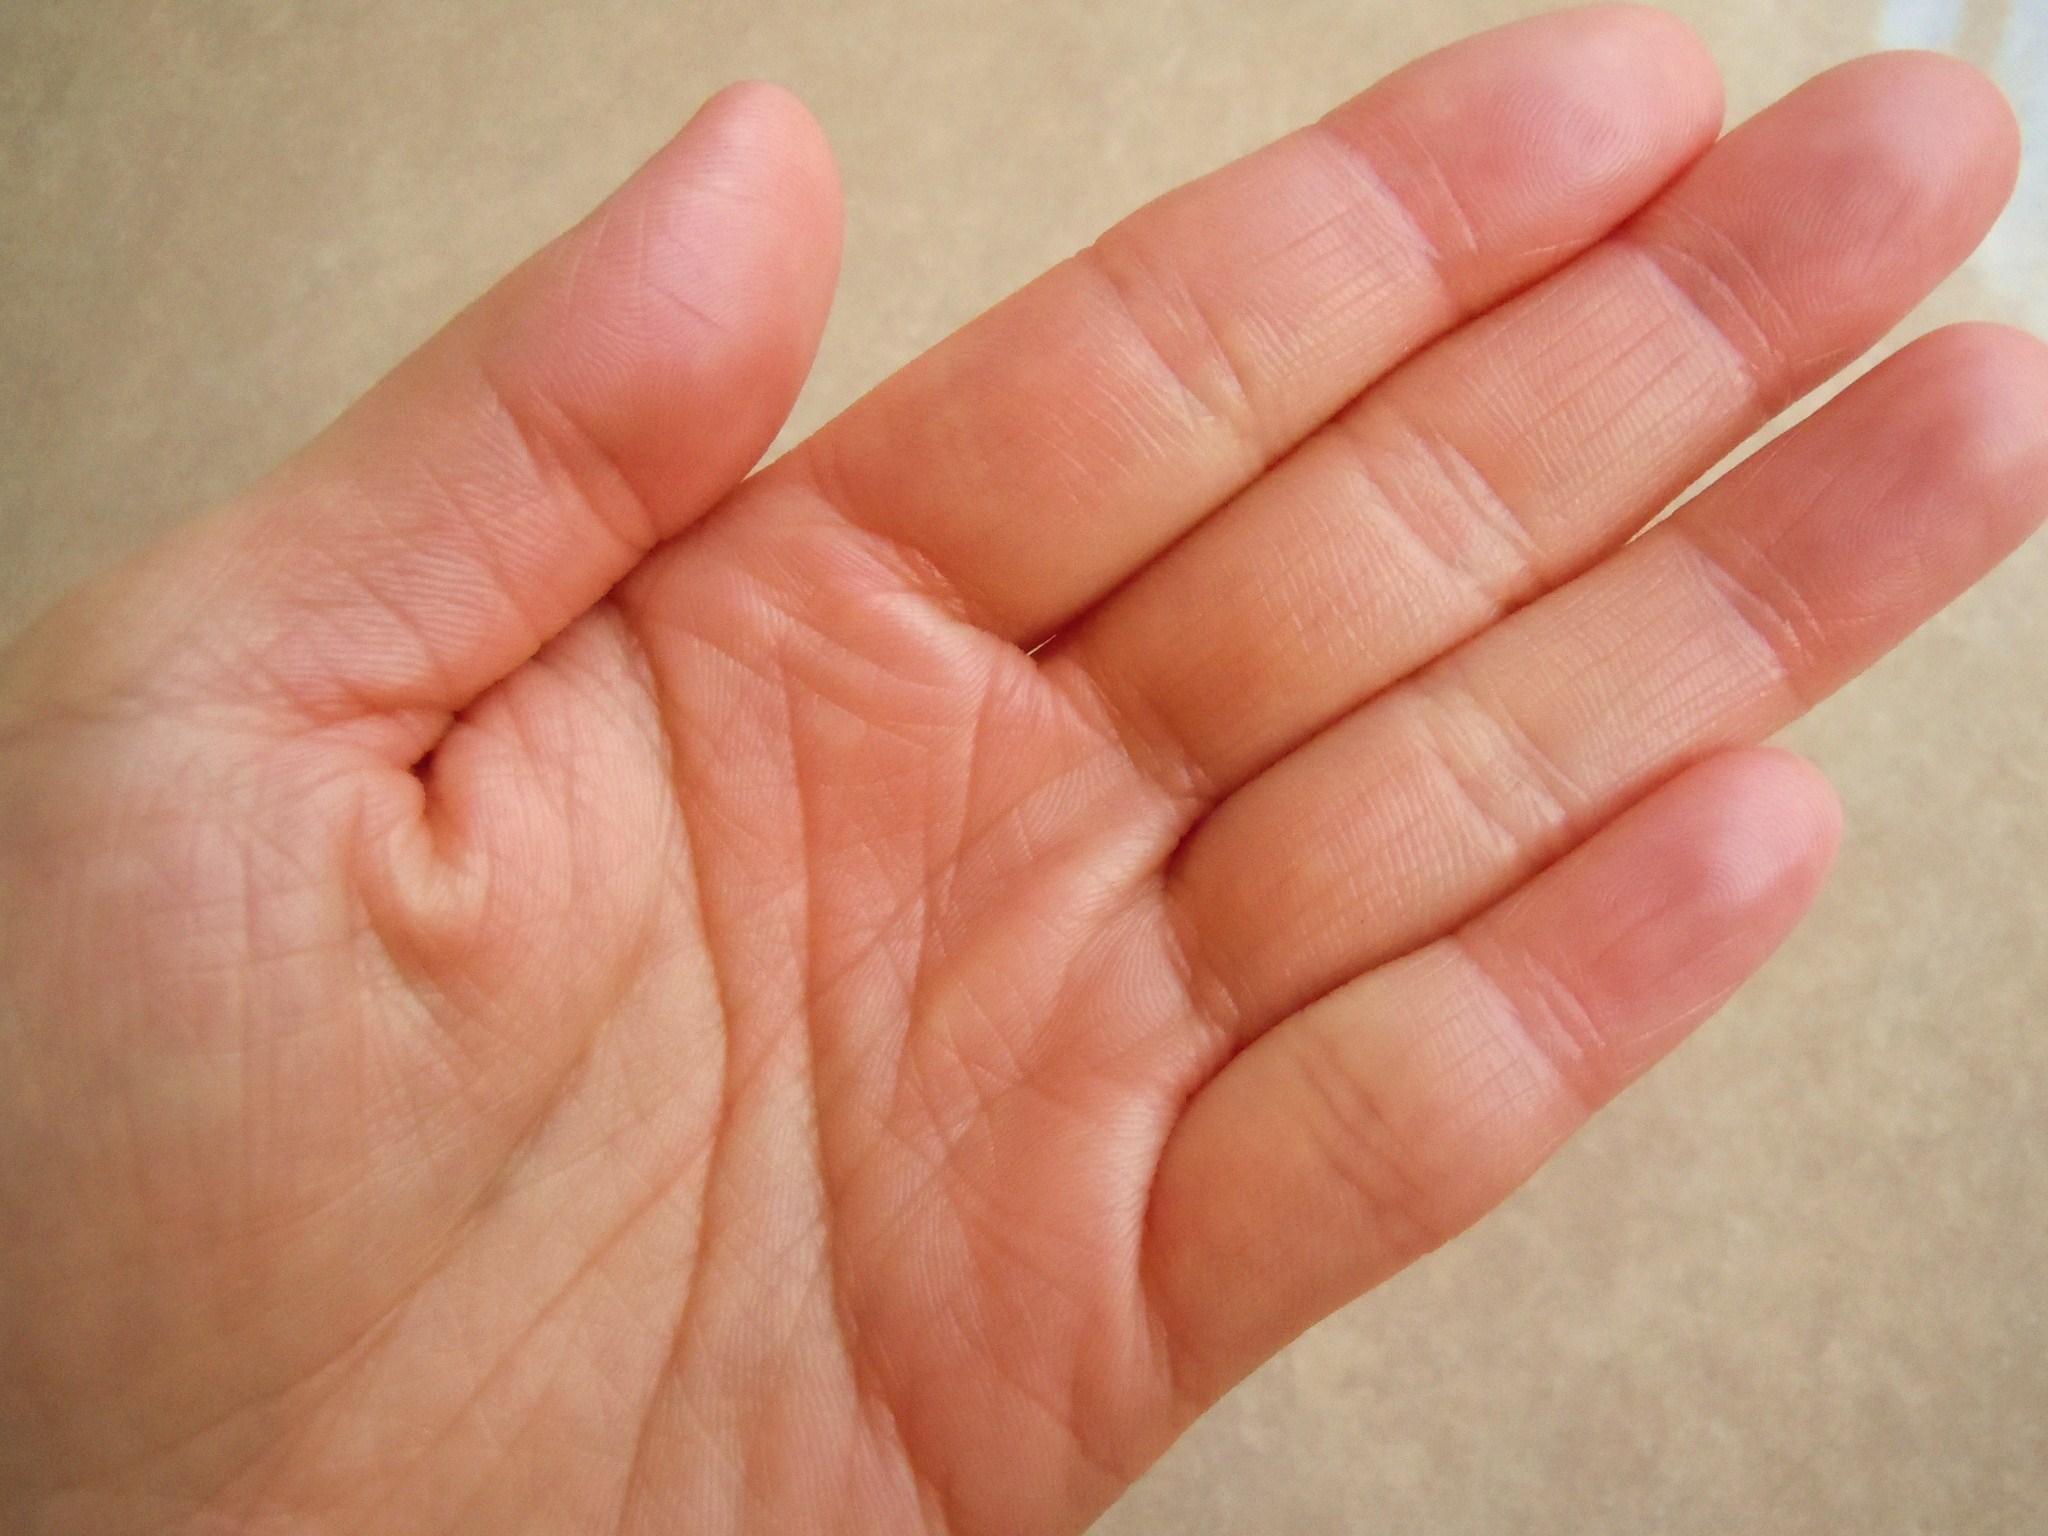 手荒れに手袋はダメ?それとも効果あり?気になる予防と対策は?のサムネイル画像